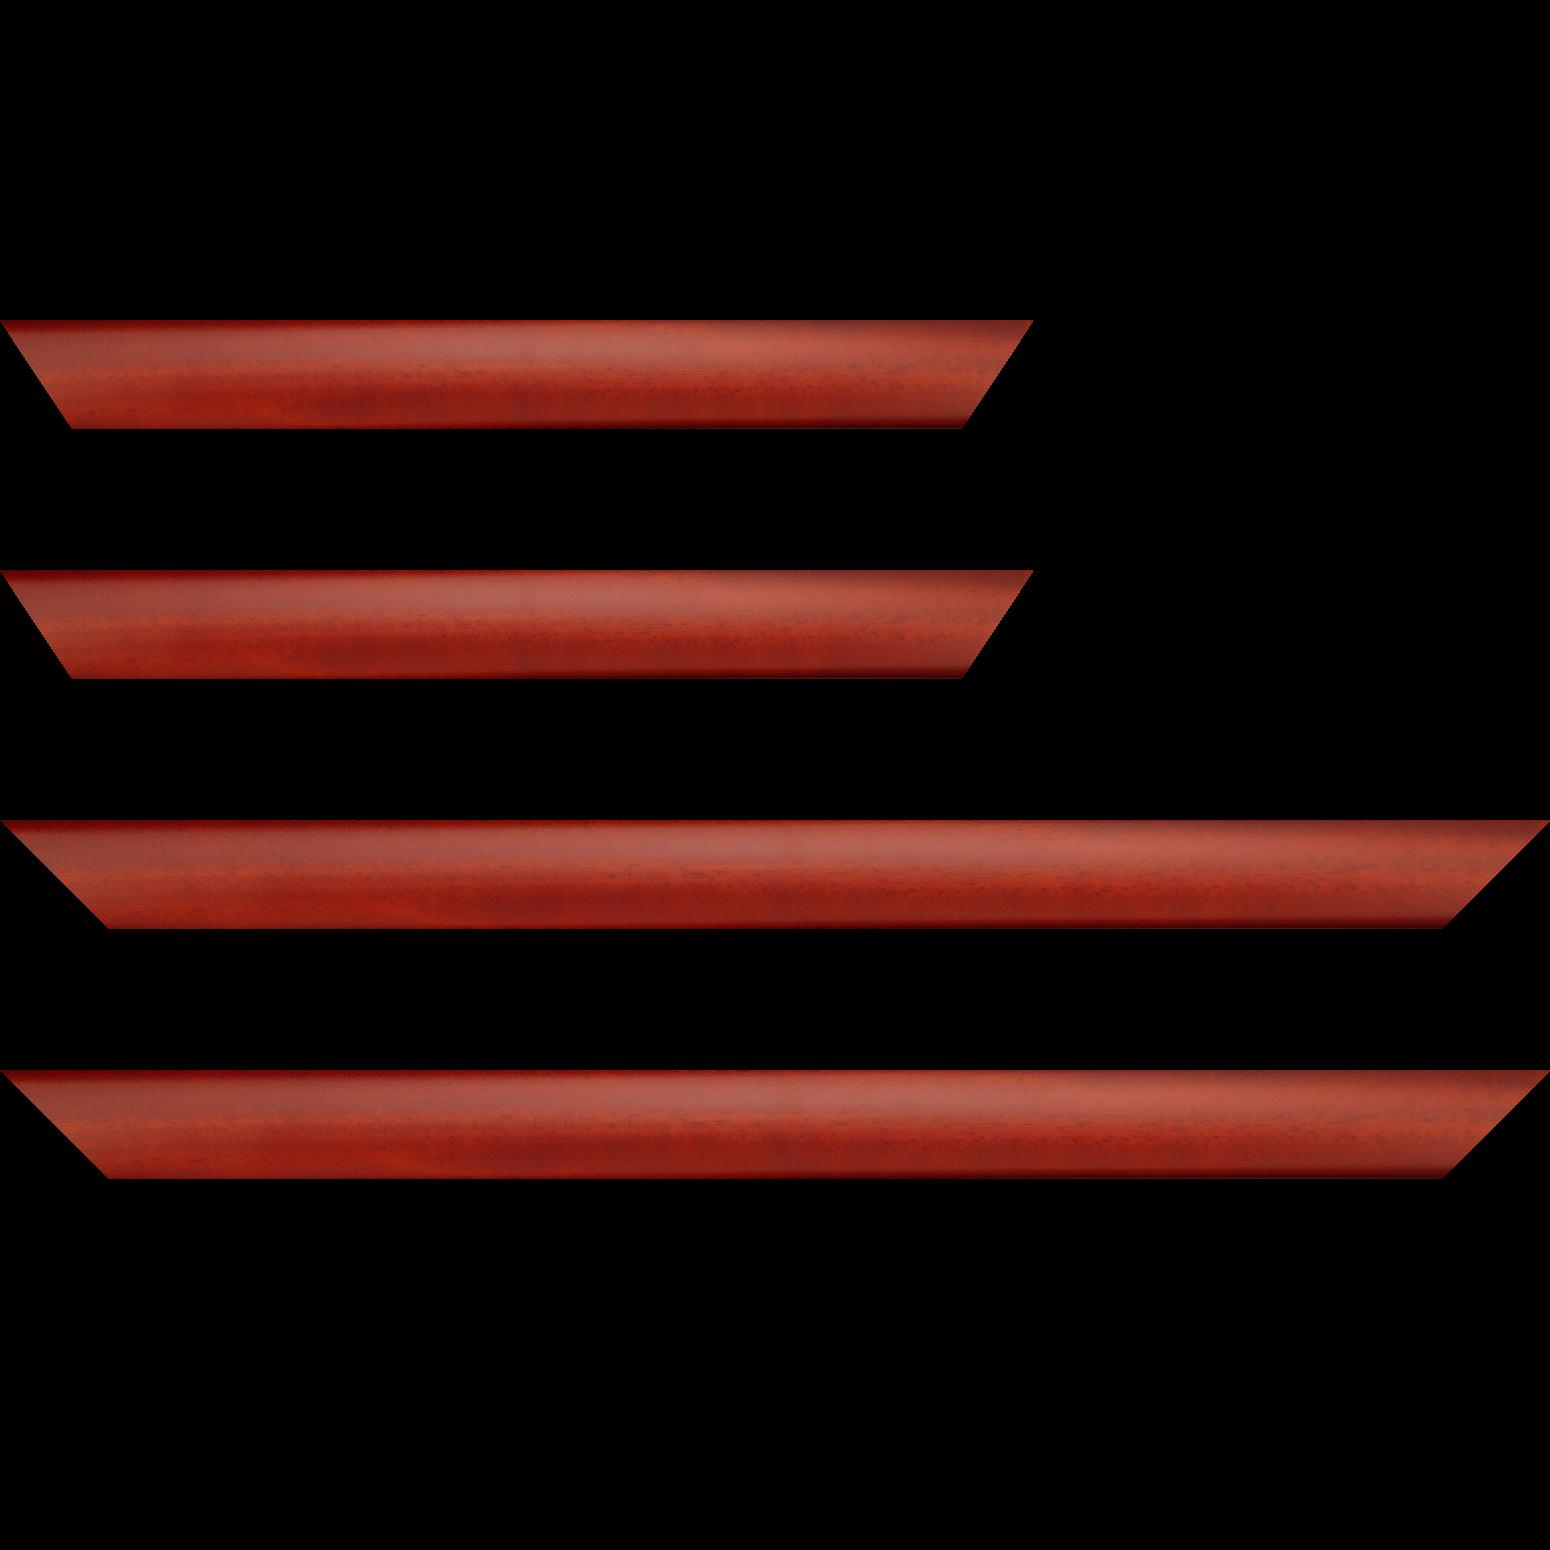 Baguette bois profil méplat largeur 3.7cm couleur rouge cerise satiné effet cube